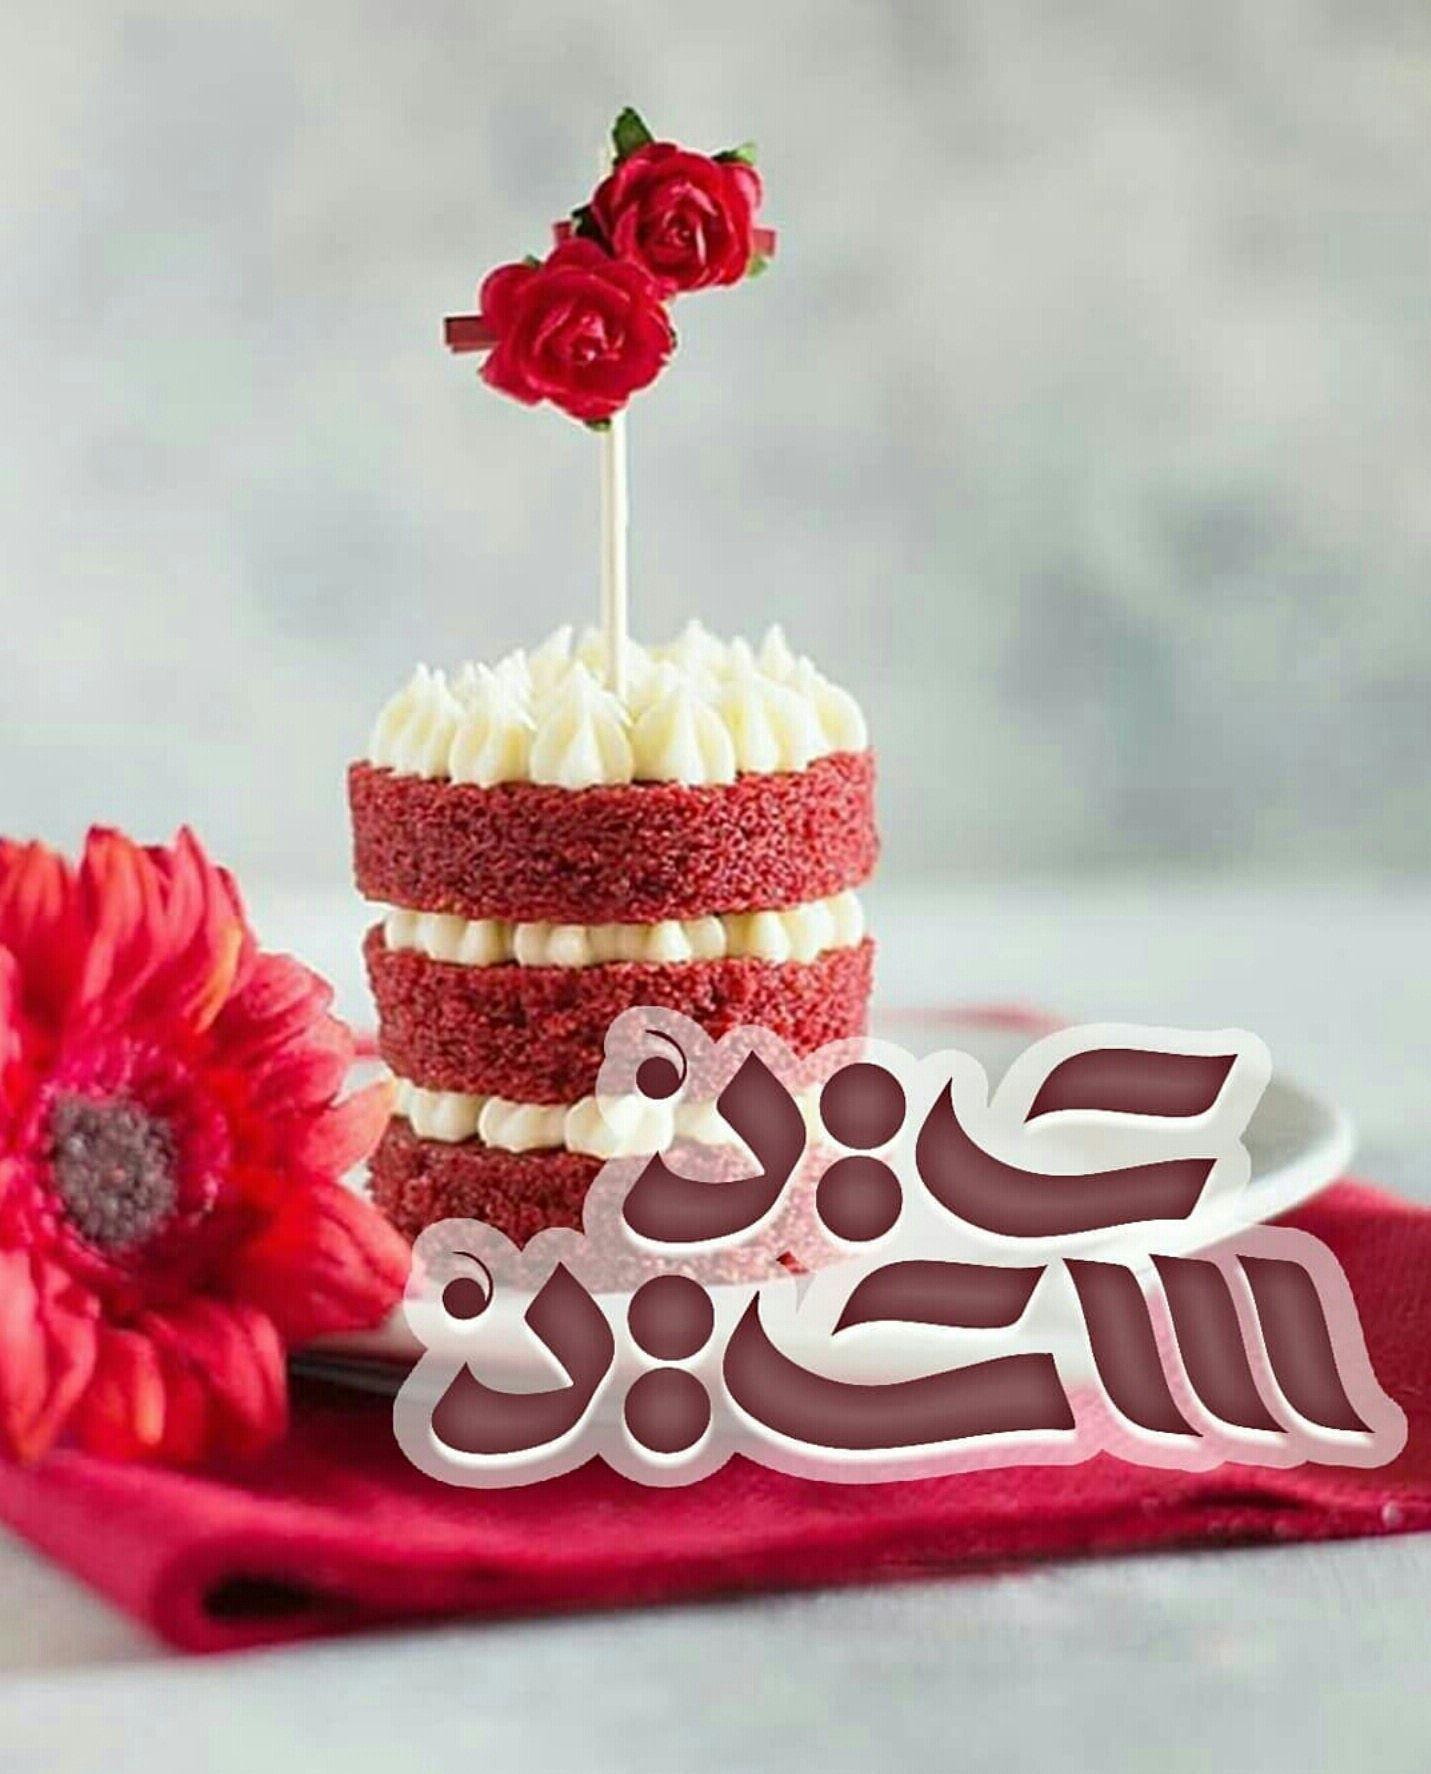 Pin By صورة و كلمة On عيد الفطر عيد الأضحى Eid Mubark Ramadan Lantern Good Morning Msg Eid Mubarak